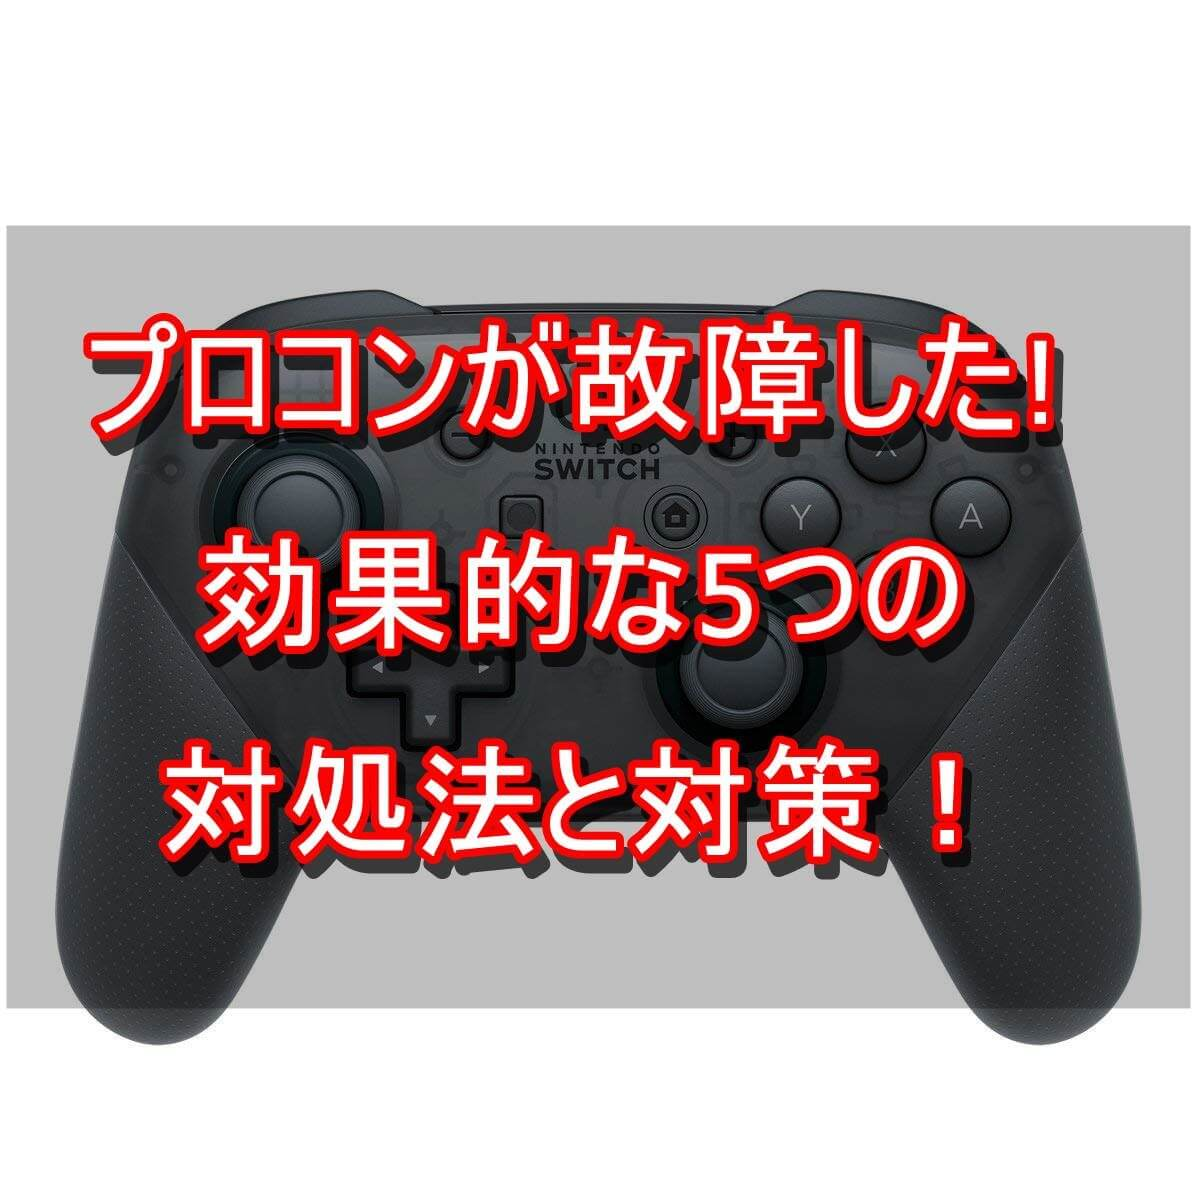 故障 ニンテンドー スイッチ コントローラー